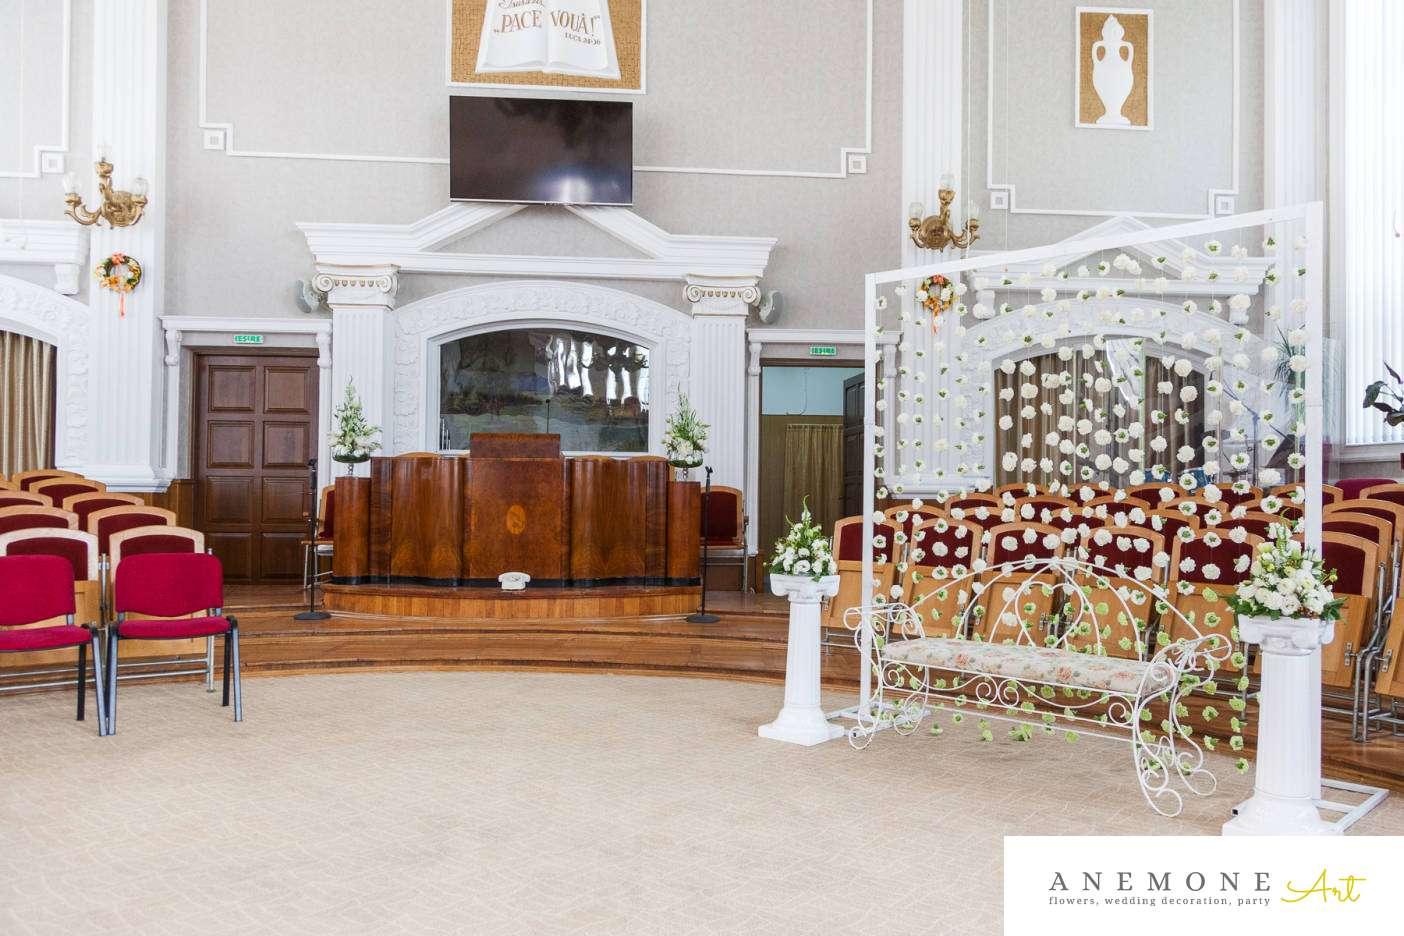 Poza, foto cu Flori de nunta banca, biserica speranta, decor biserica, garoafe, perdea flori, stalp ceramica in Arad, Timisoara, Oradea (wedding flowers, bouquets) nunta Arad, Timisoara, Oradea